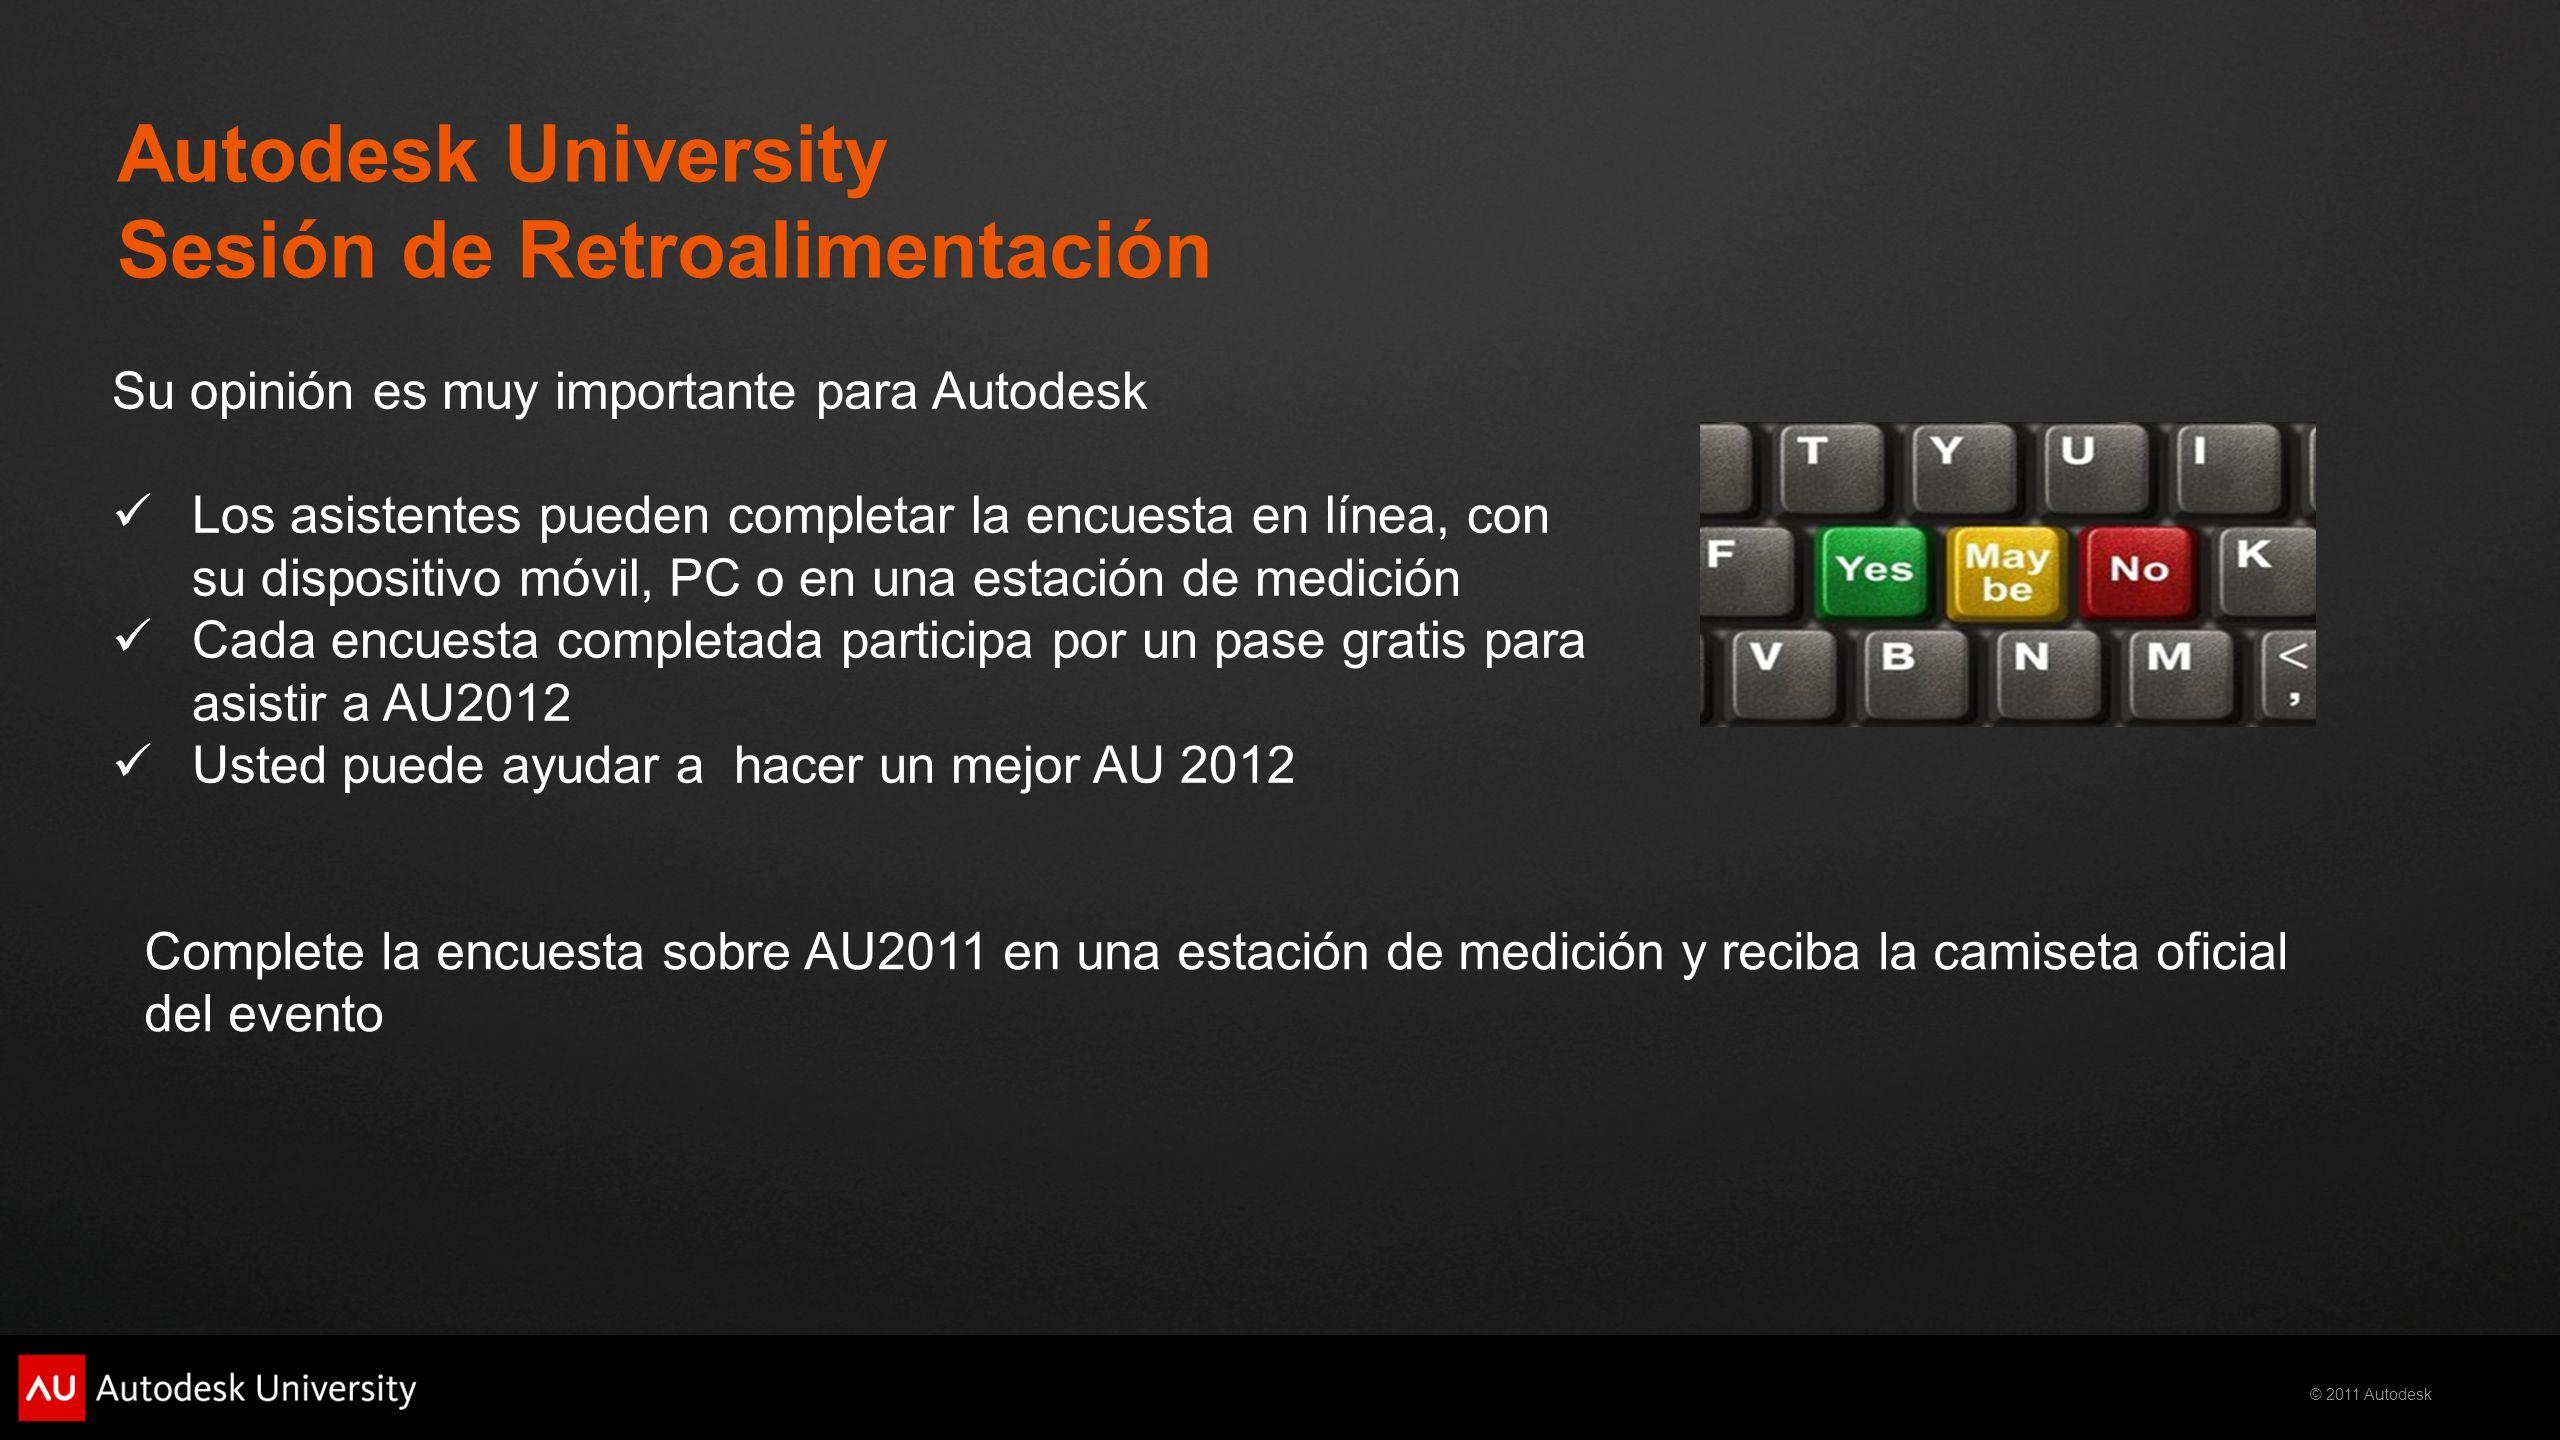 Autodesk University Sesión de Retroalimentación